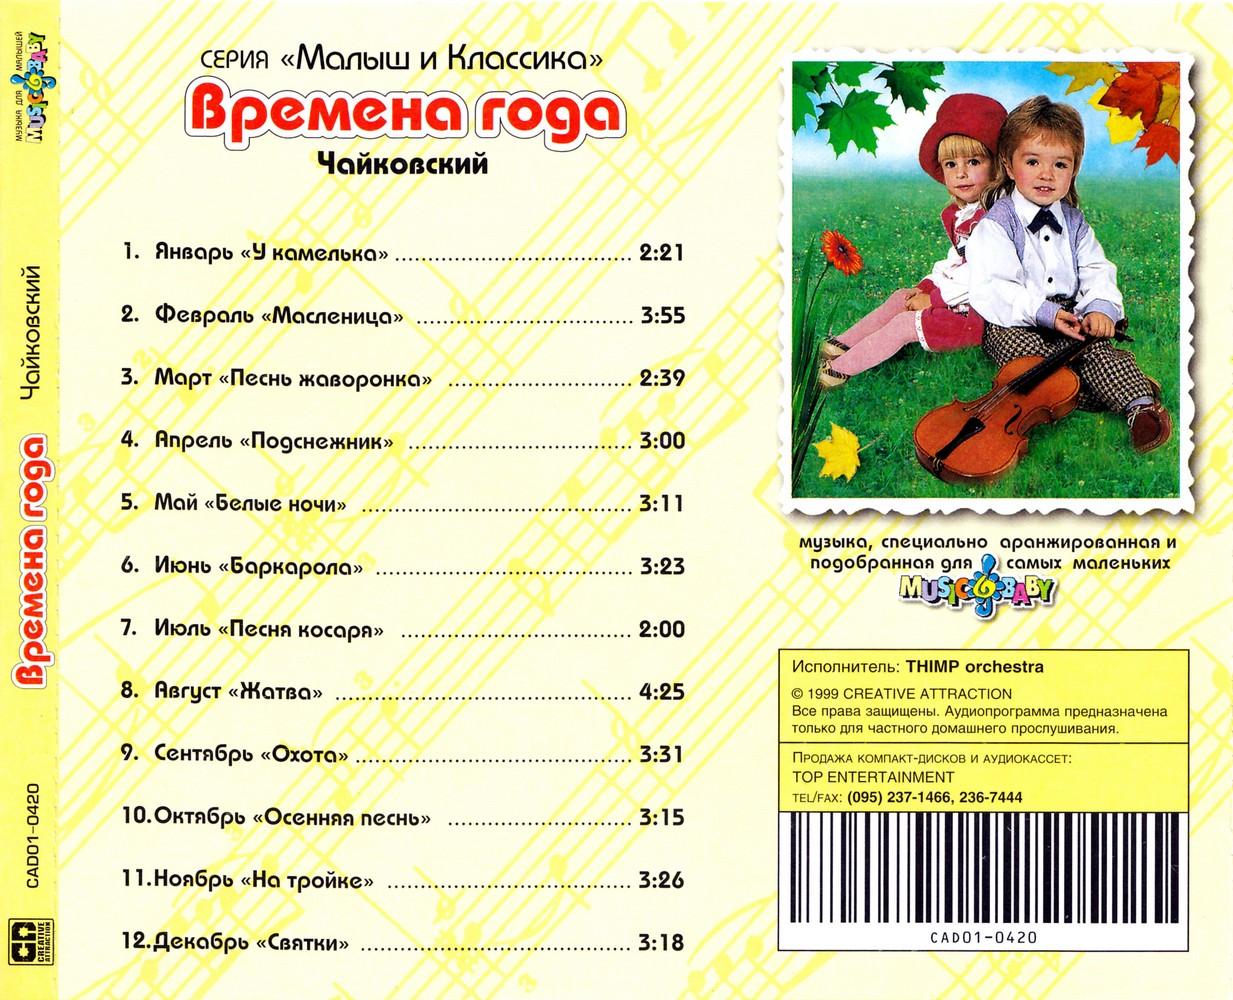 Баркарола чайковский скачать бесплатно mp3